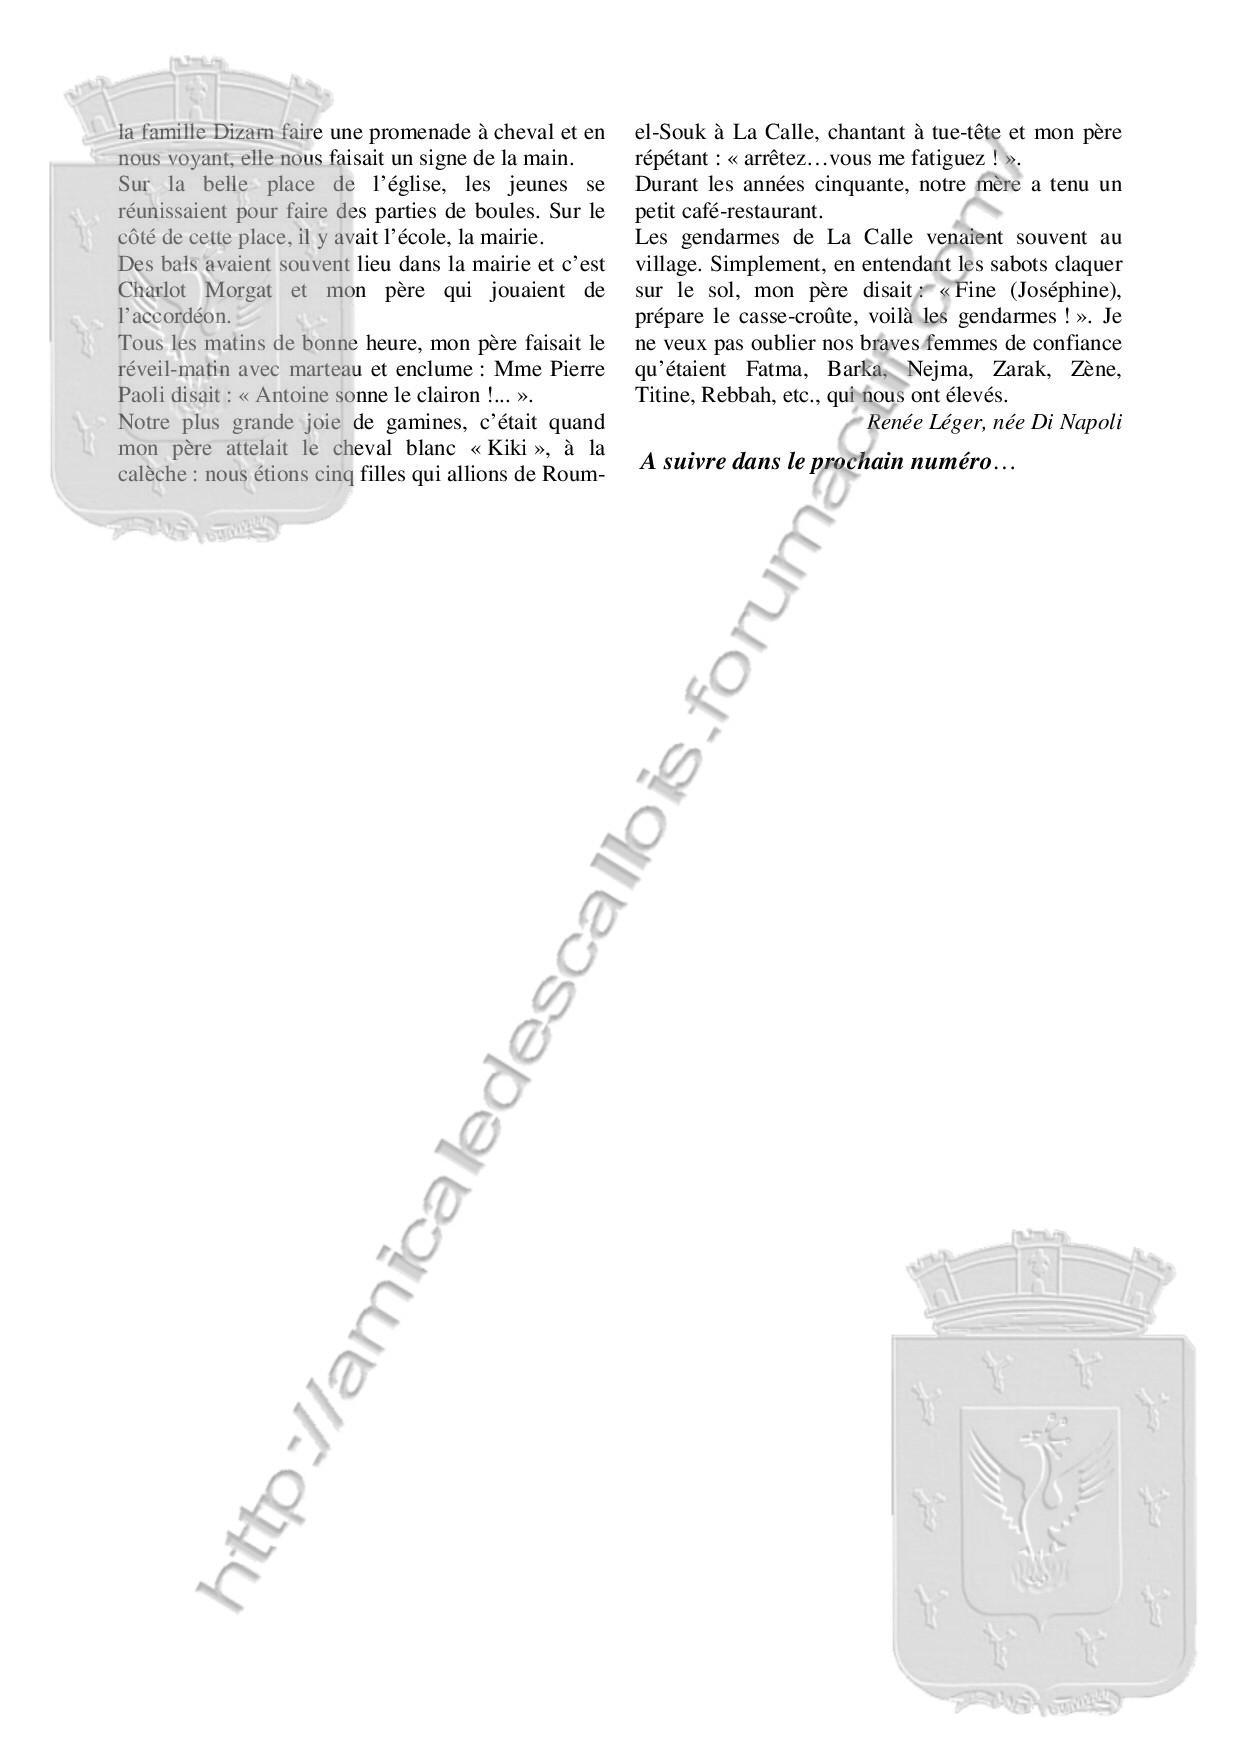 ROUM – EL – SOUK - Article paru sur le PC n° 127 Roum-e11